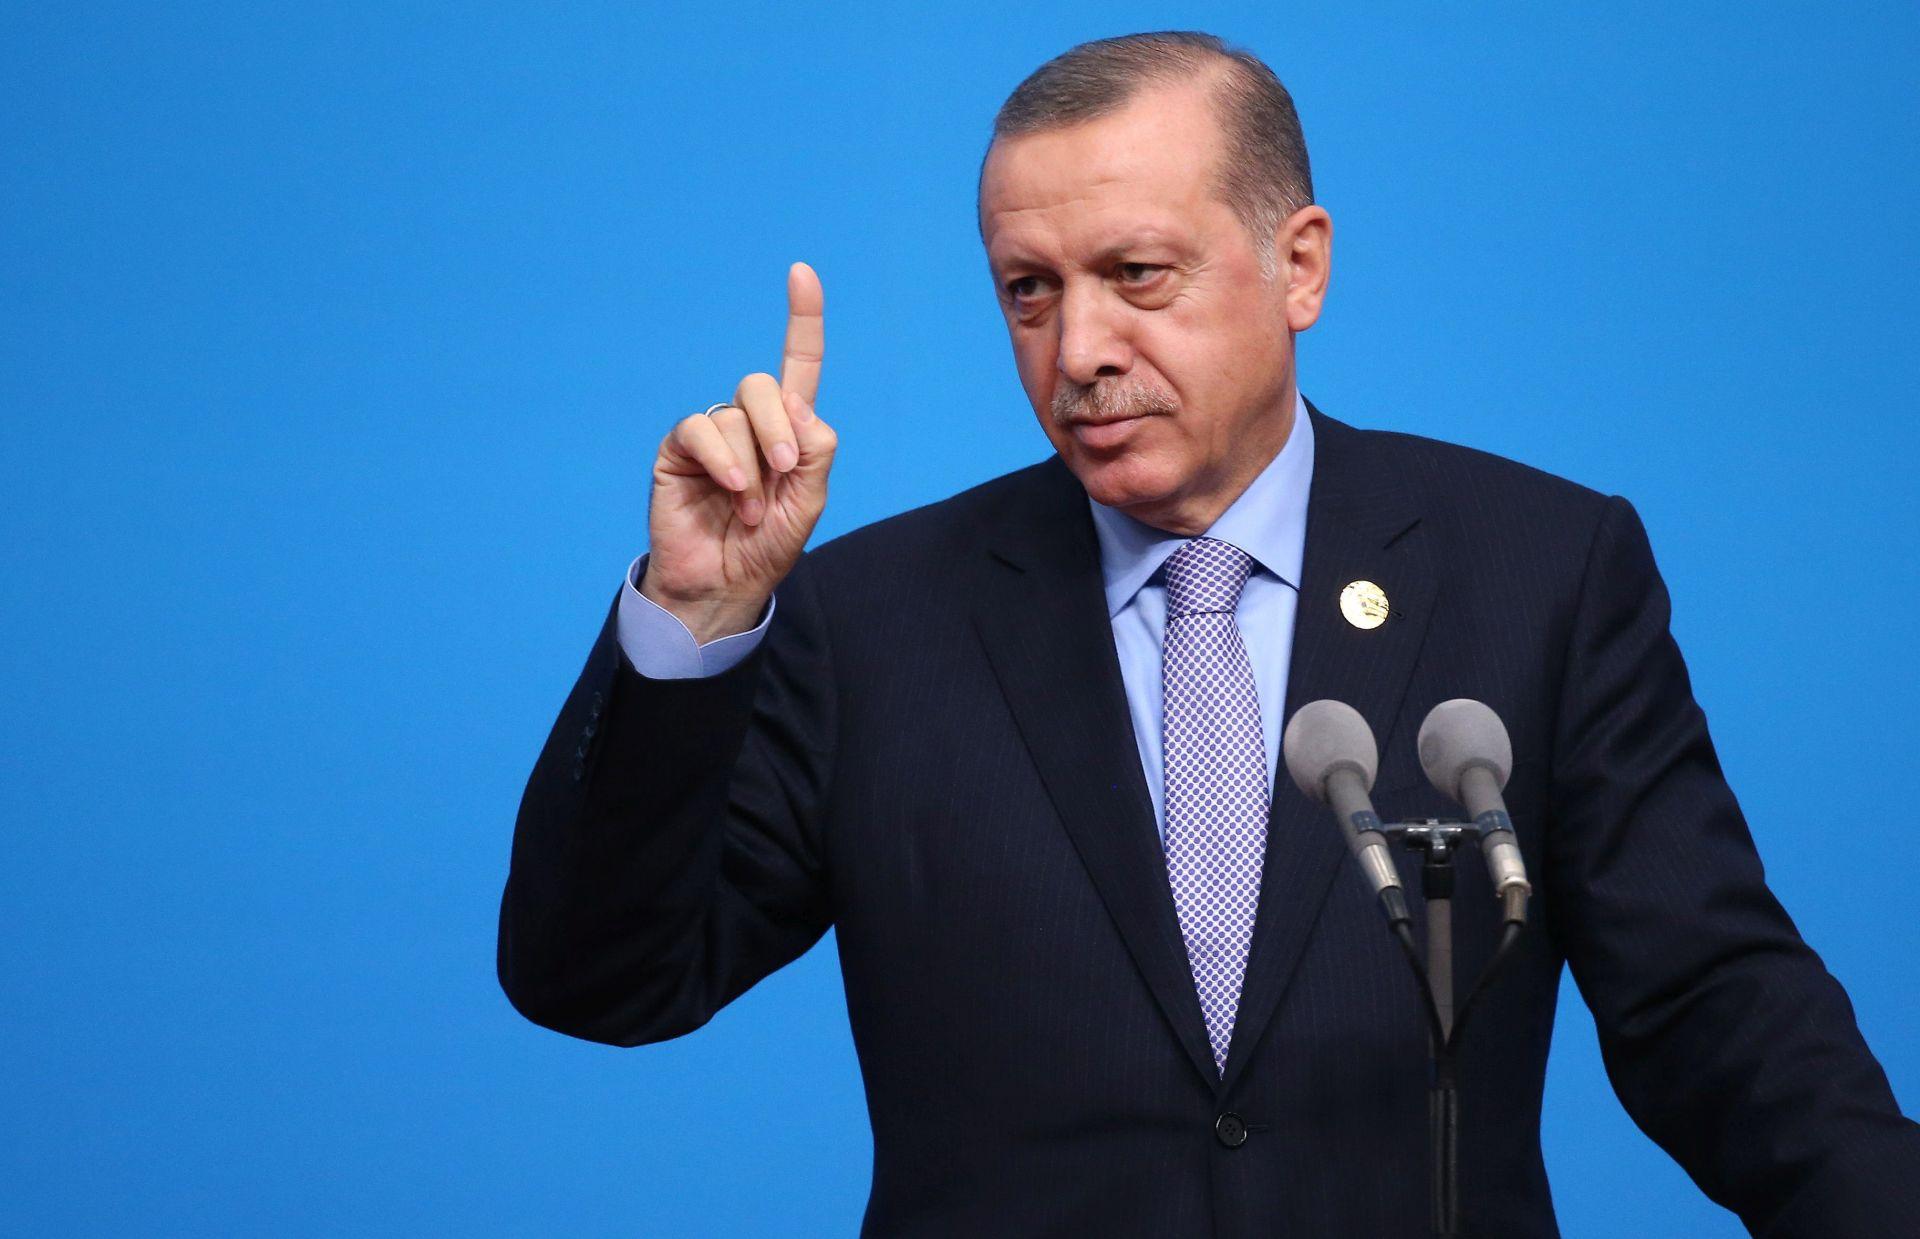 'NE DOLAZI U OBZIR': Turska neće pristati na odgodu liberalizacije viznog režima s EU-om